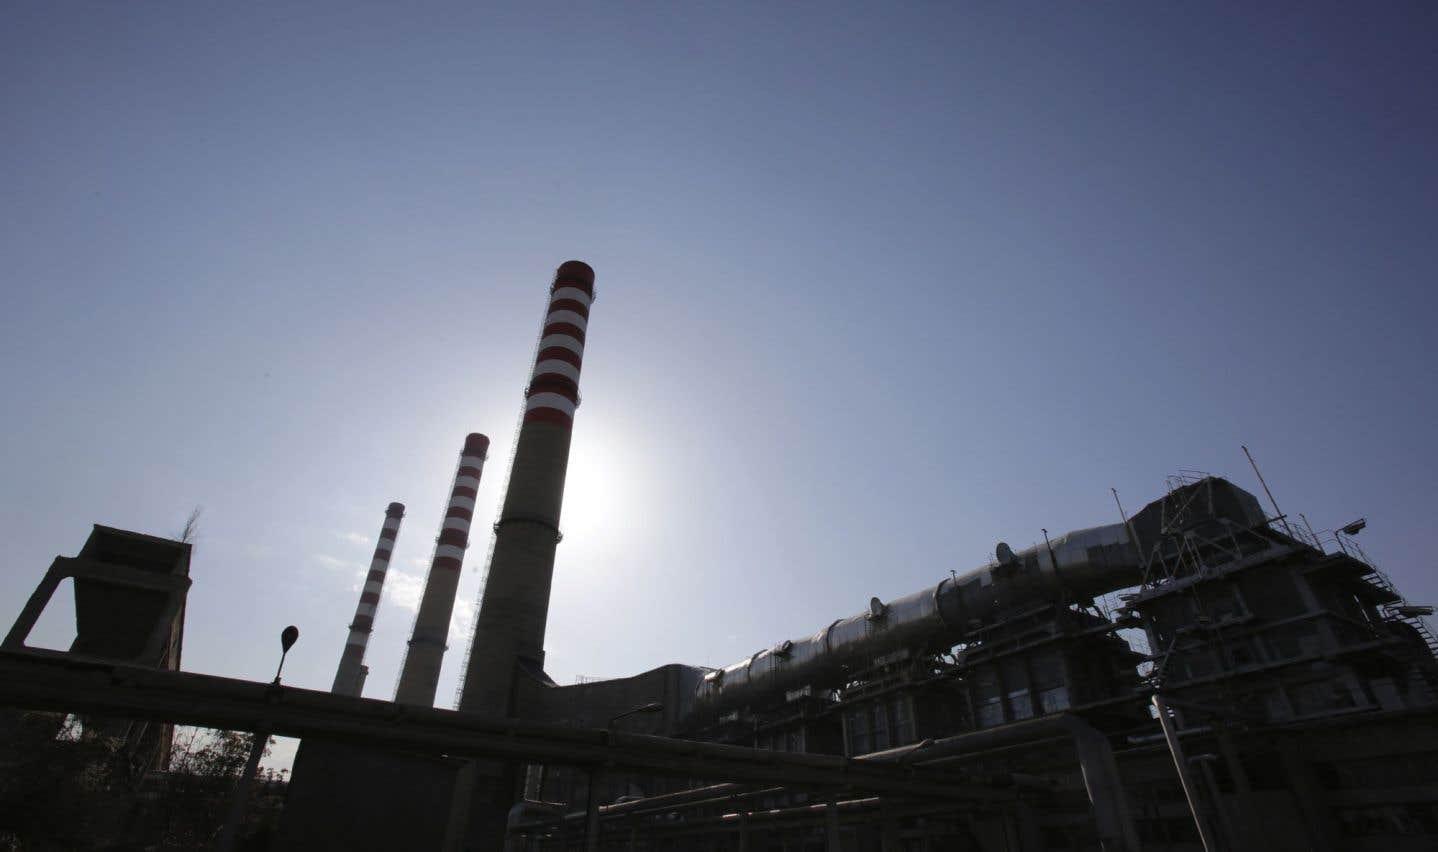 2 milliards pour une centrale fermée